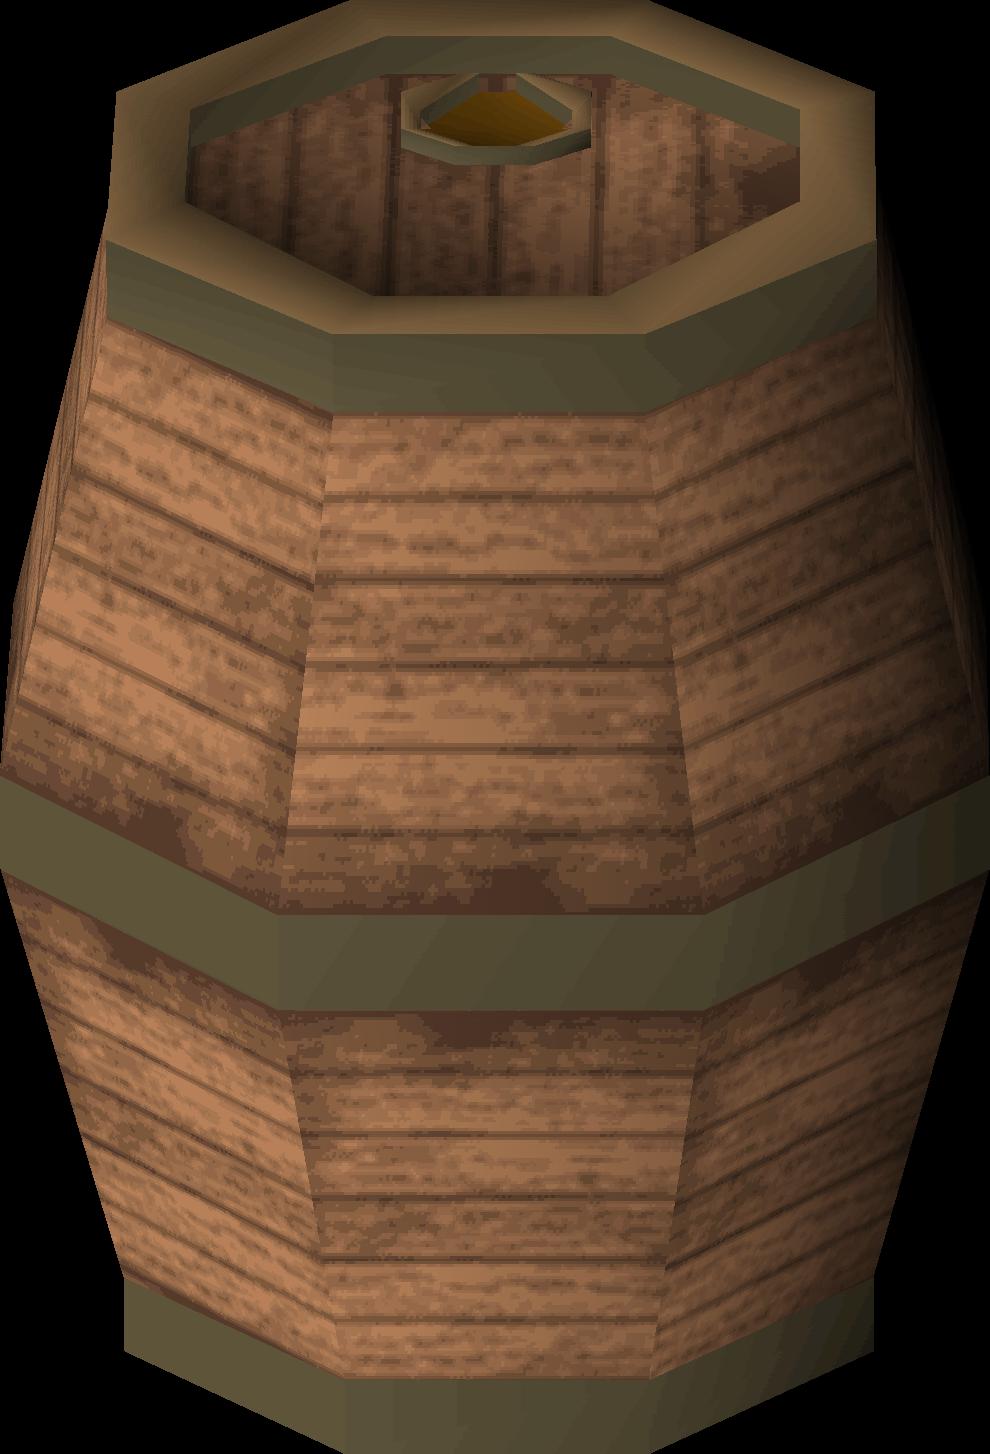 Low alcohol keg | Old School RuneScape Wiki | FANDOM powered by Wikia